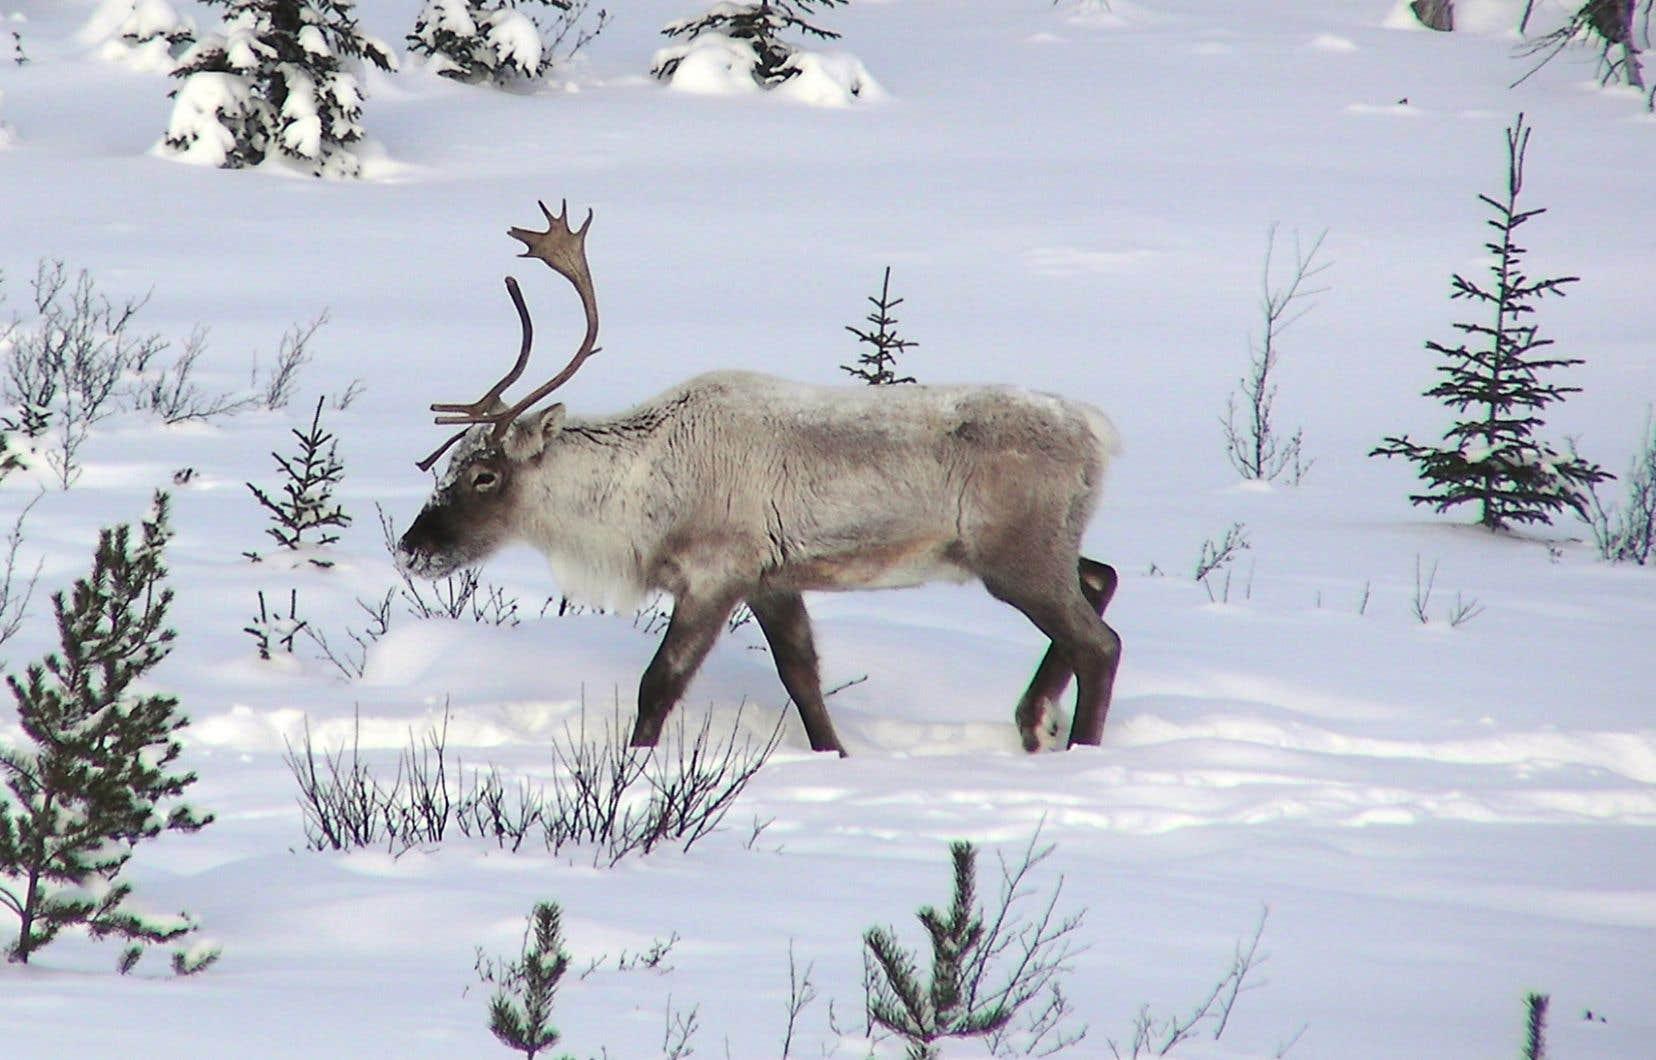 Martin-Hugues St-Laurent dirige depuis 10 ans une équipe de recherche qui mène plusieurs projets sur le caribou forestier et travaille étroitement avec les experts du ministère des Forêts, de la Faune et des Parcs.